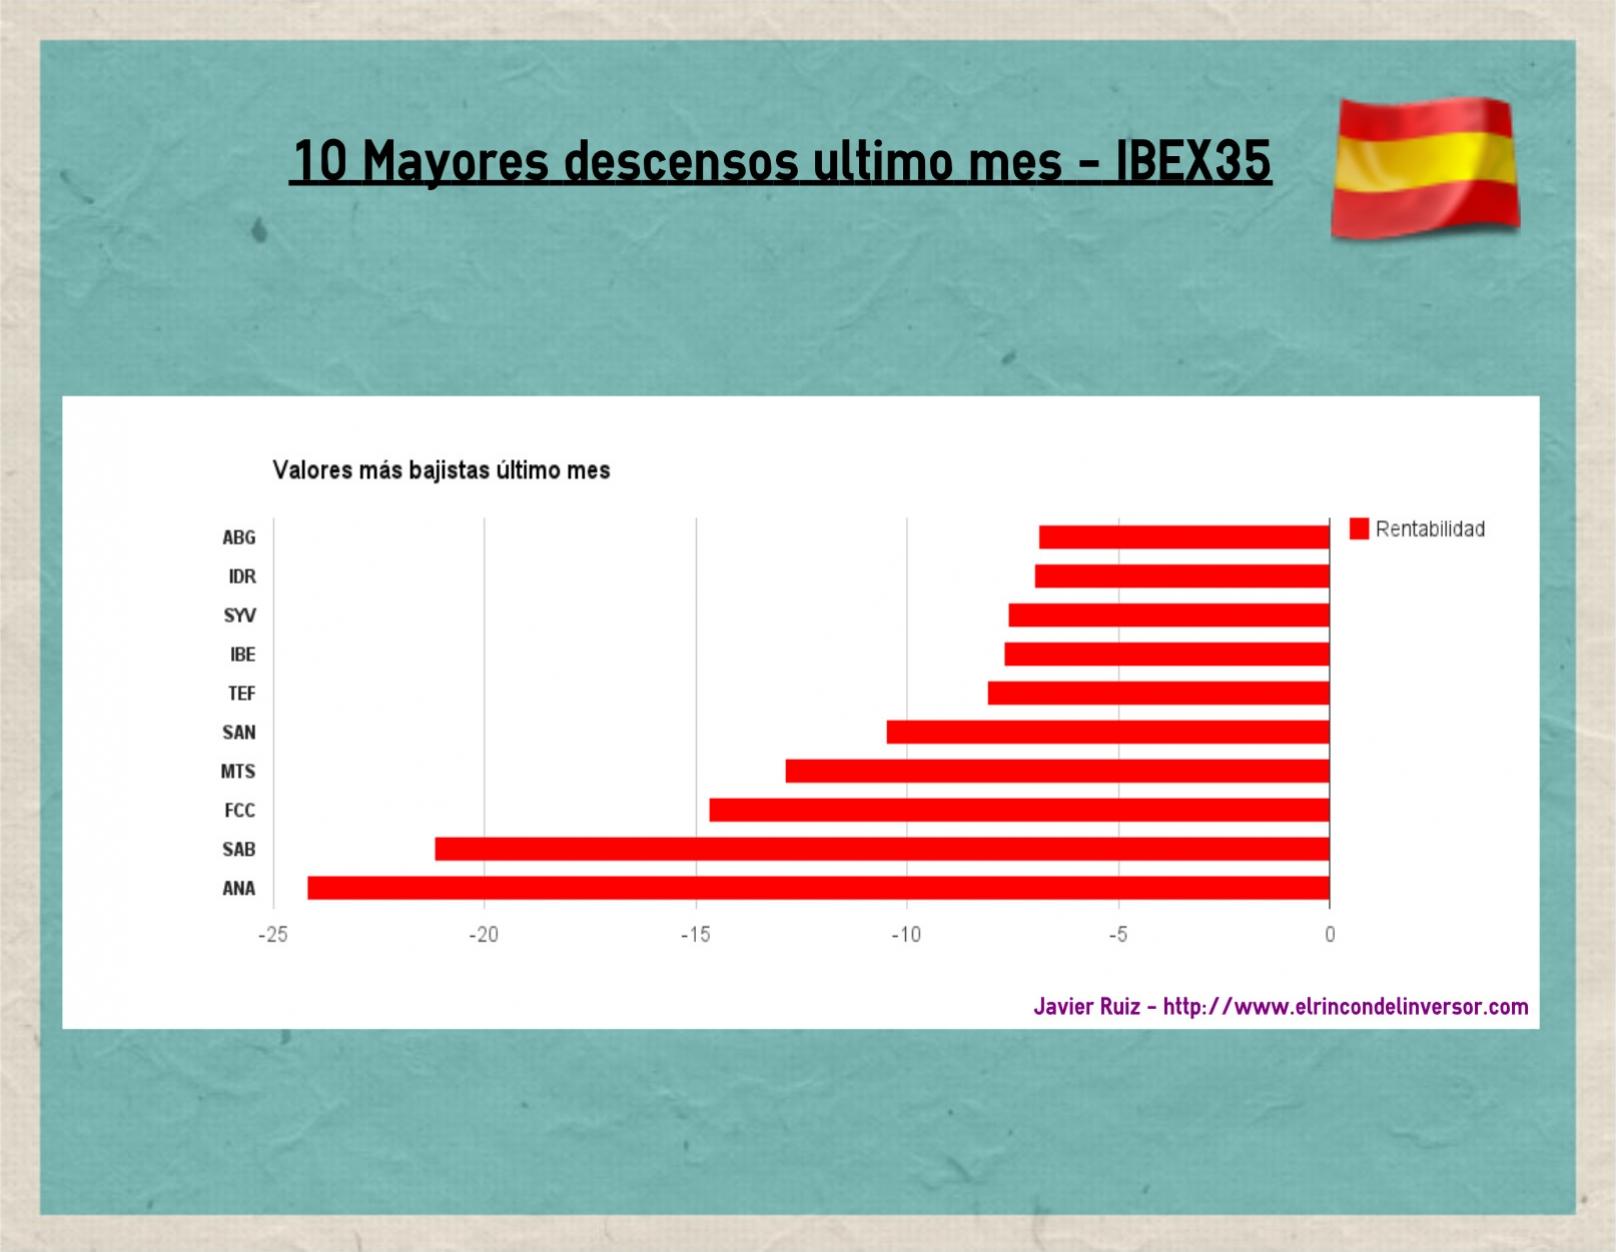 10 Mayores descensos IBEX último mes